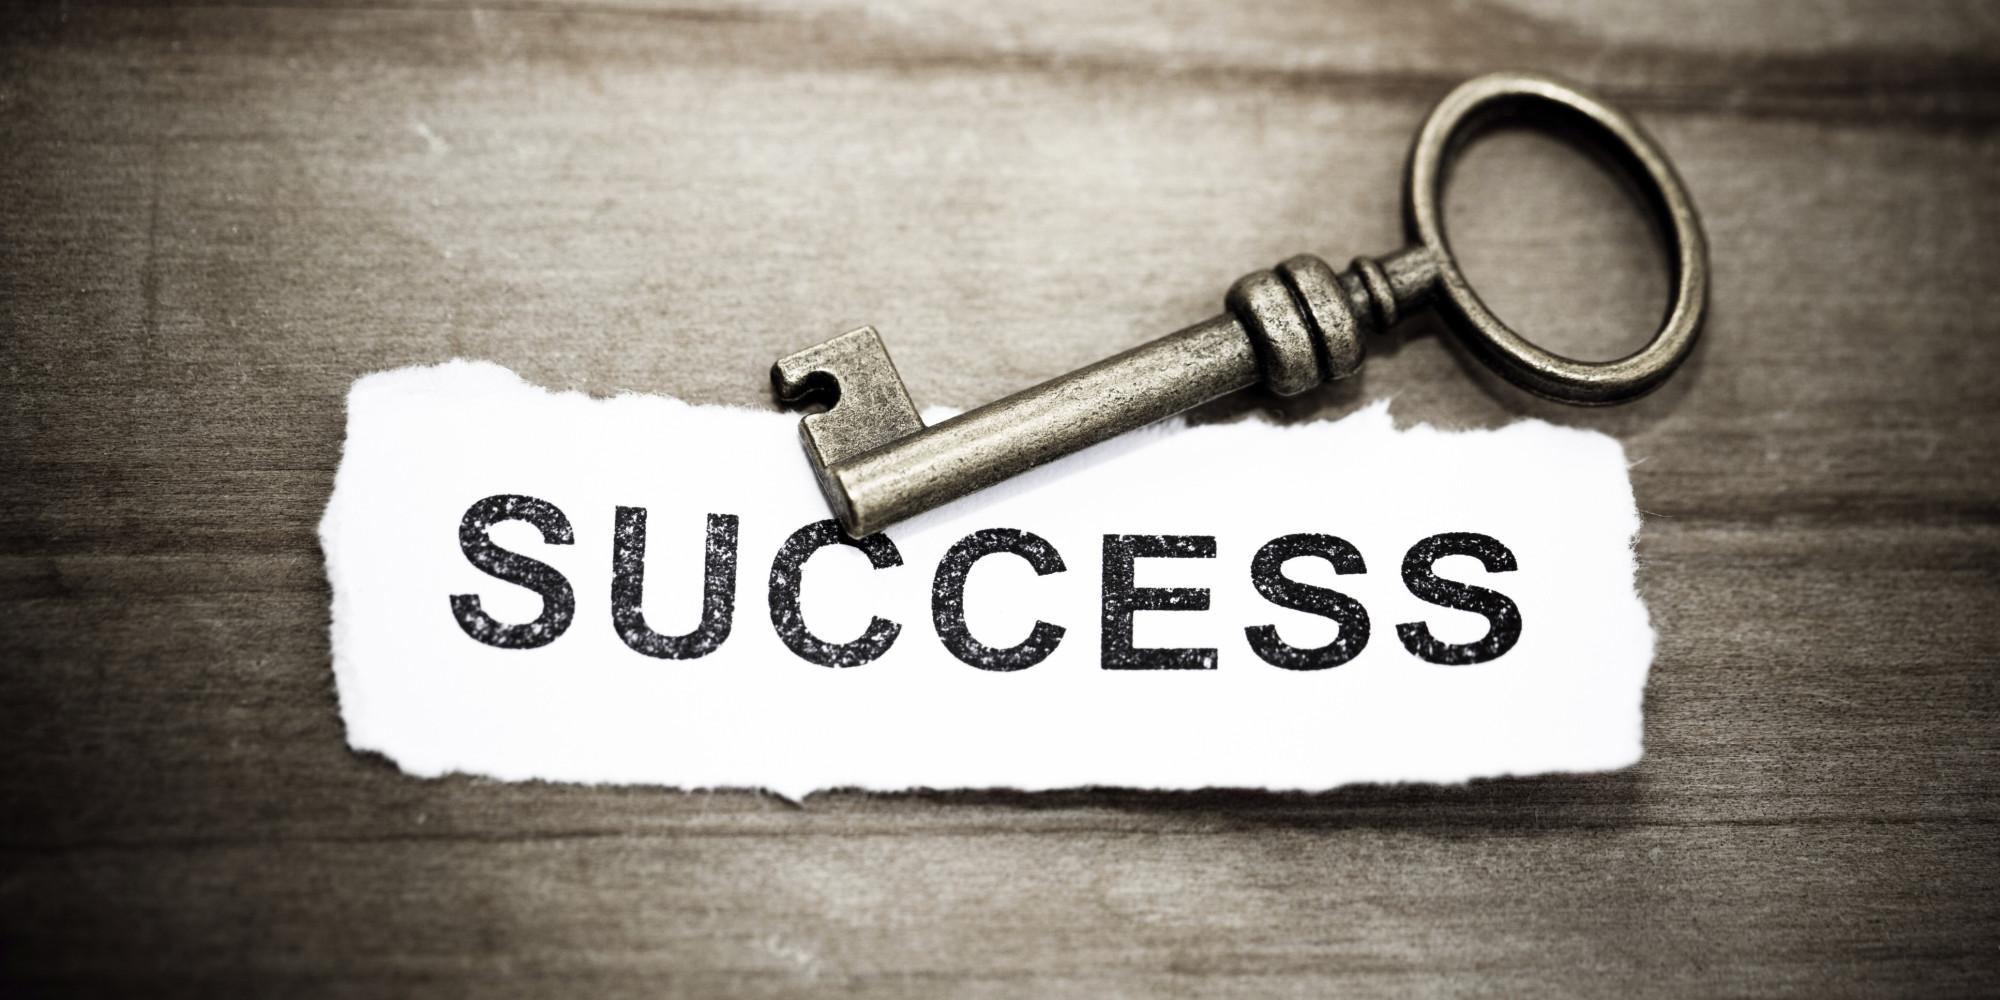 کلمات شما چطور بر موفقیت شما اثر میگذارد؟